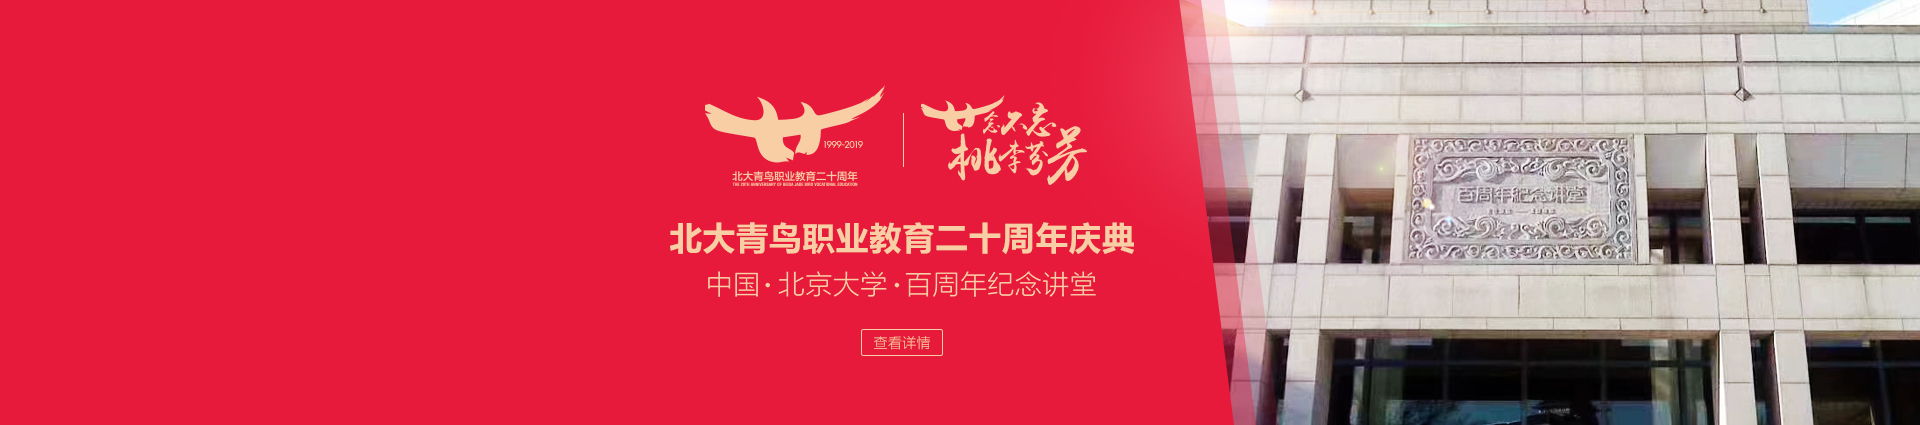 廿念不忘,桃李芬芳——北大青鸟职业教育二十周年庆典盛大举办!